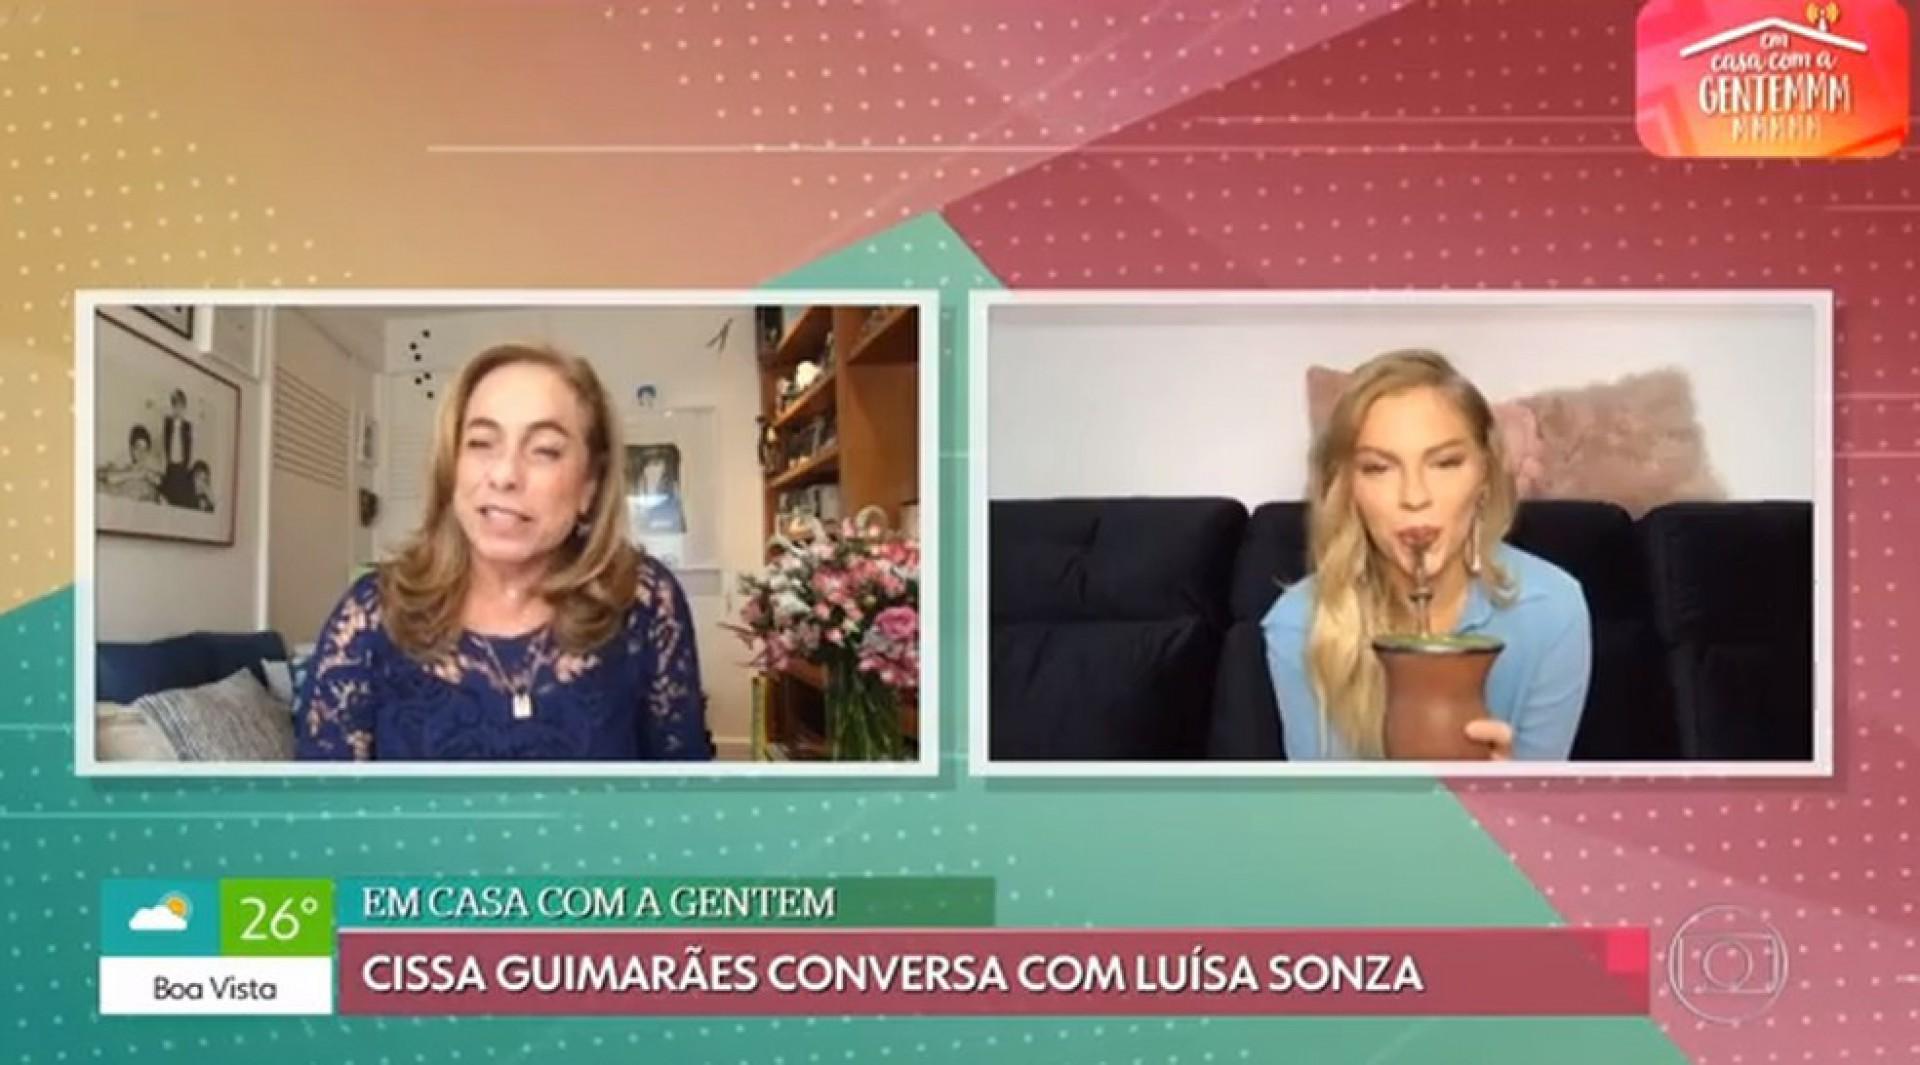 Entrevista de Luísa Sonza para Cissa Guimarães - Reprodução